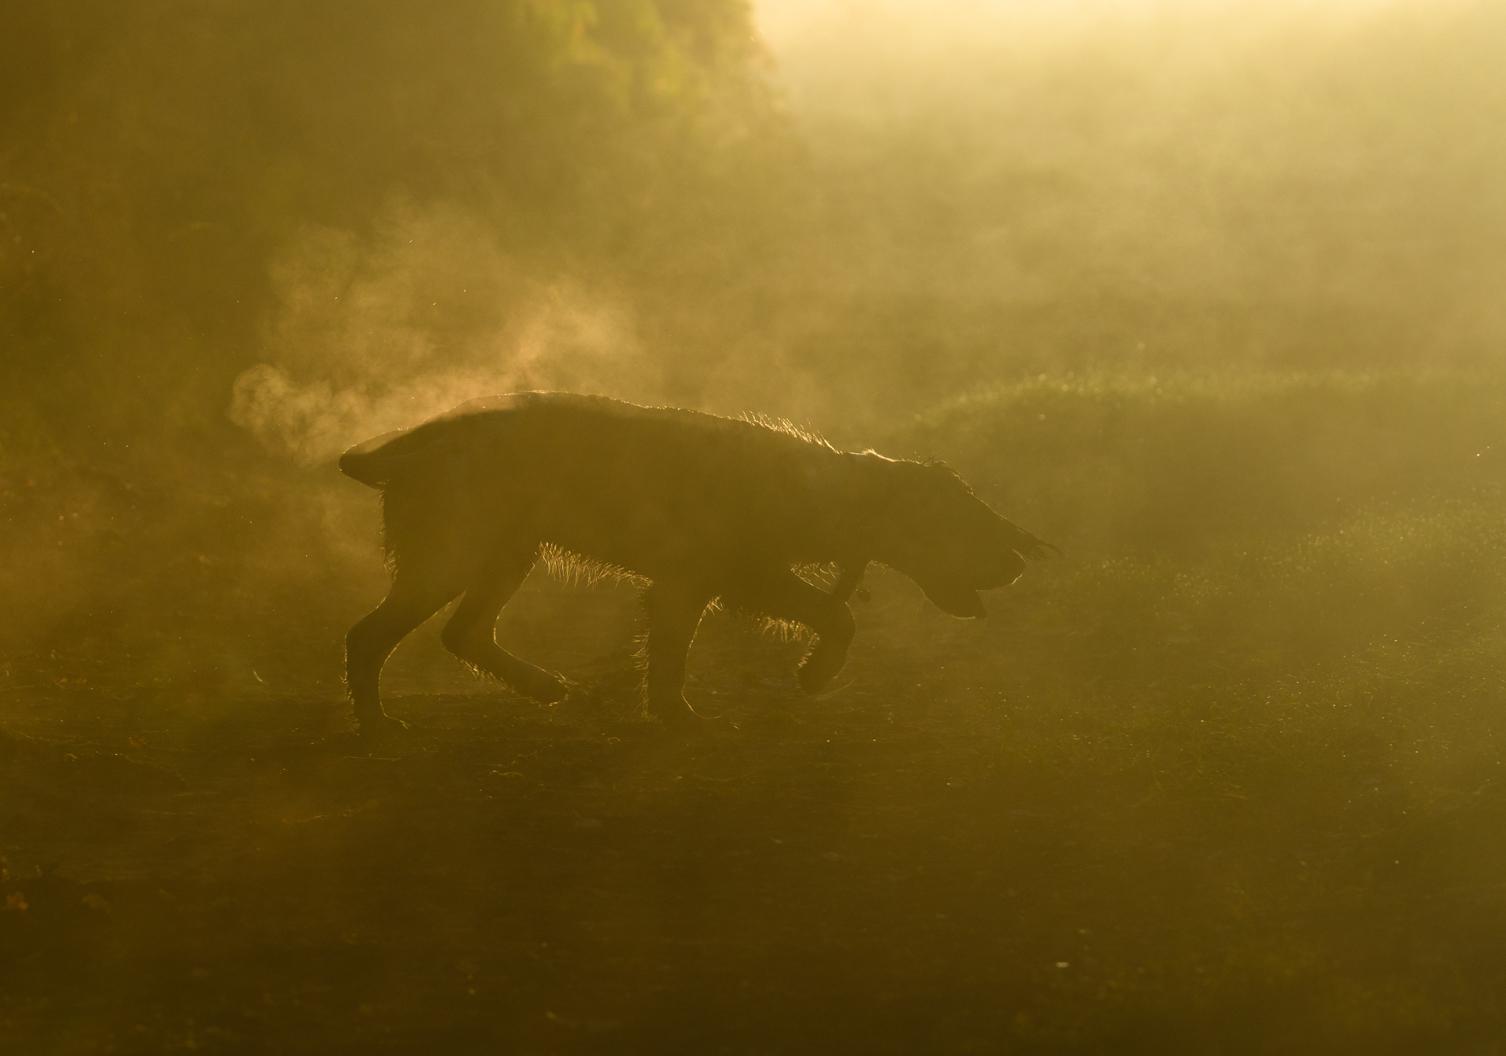 Δεύτερη θέση στην κατηγορία «Σκύλοι εν ώρα εργασίας». Μέσα στην ομίχλη, το αγγλικό σπρίνγκερ σπάνιελ Τάρλι μυρίζει και ψάχνει κάτι στη βρετανική εξοχή